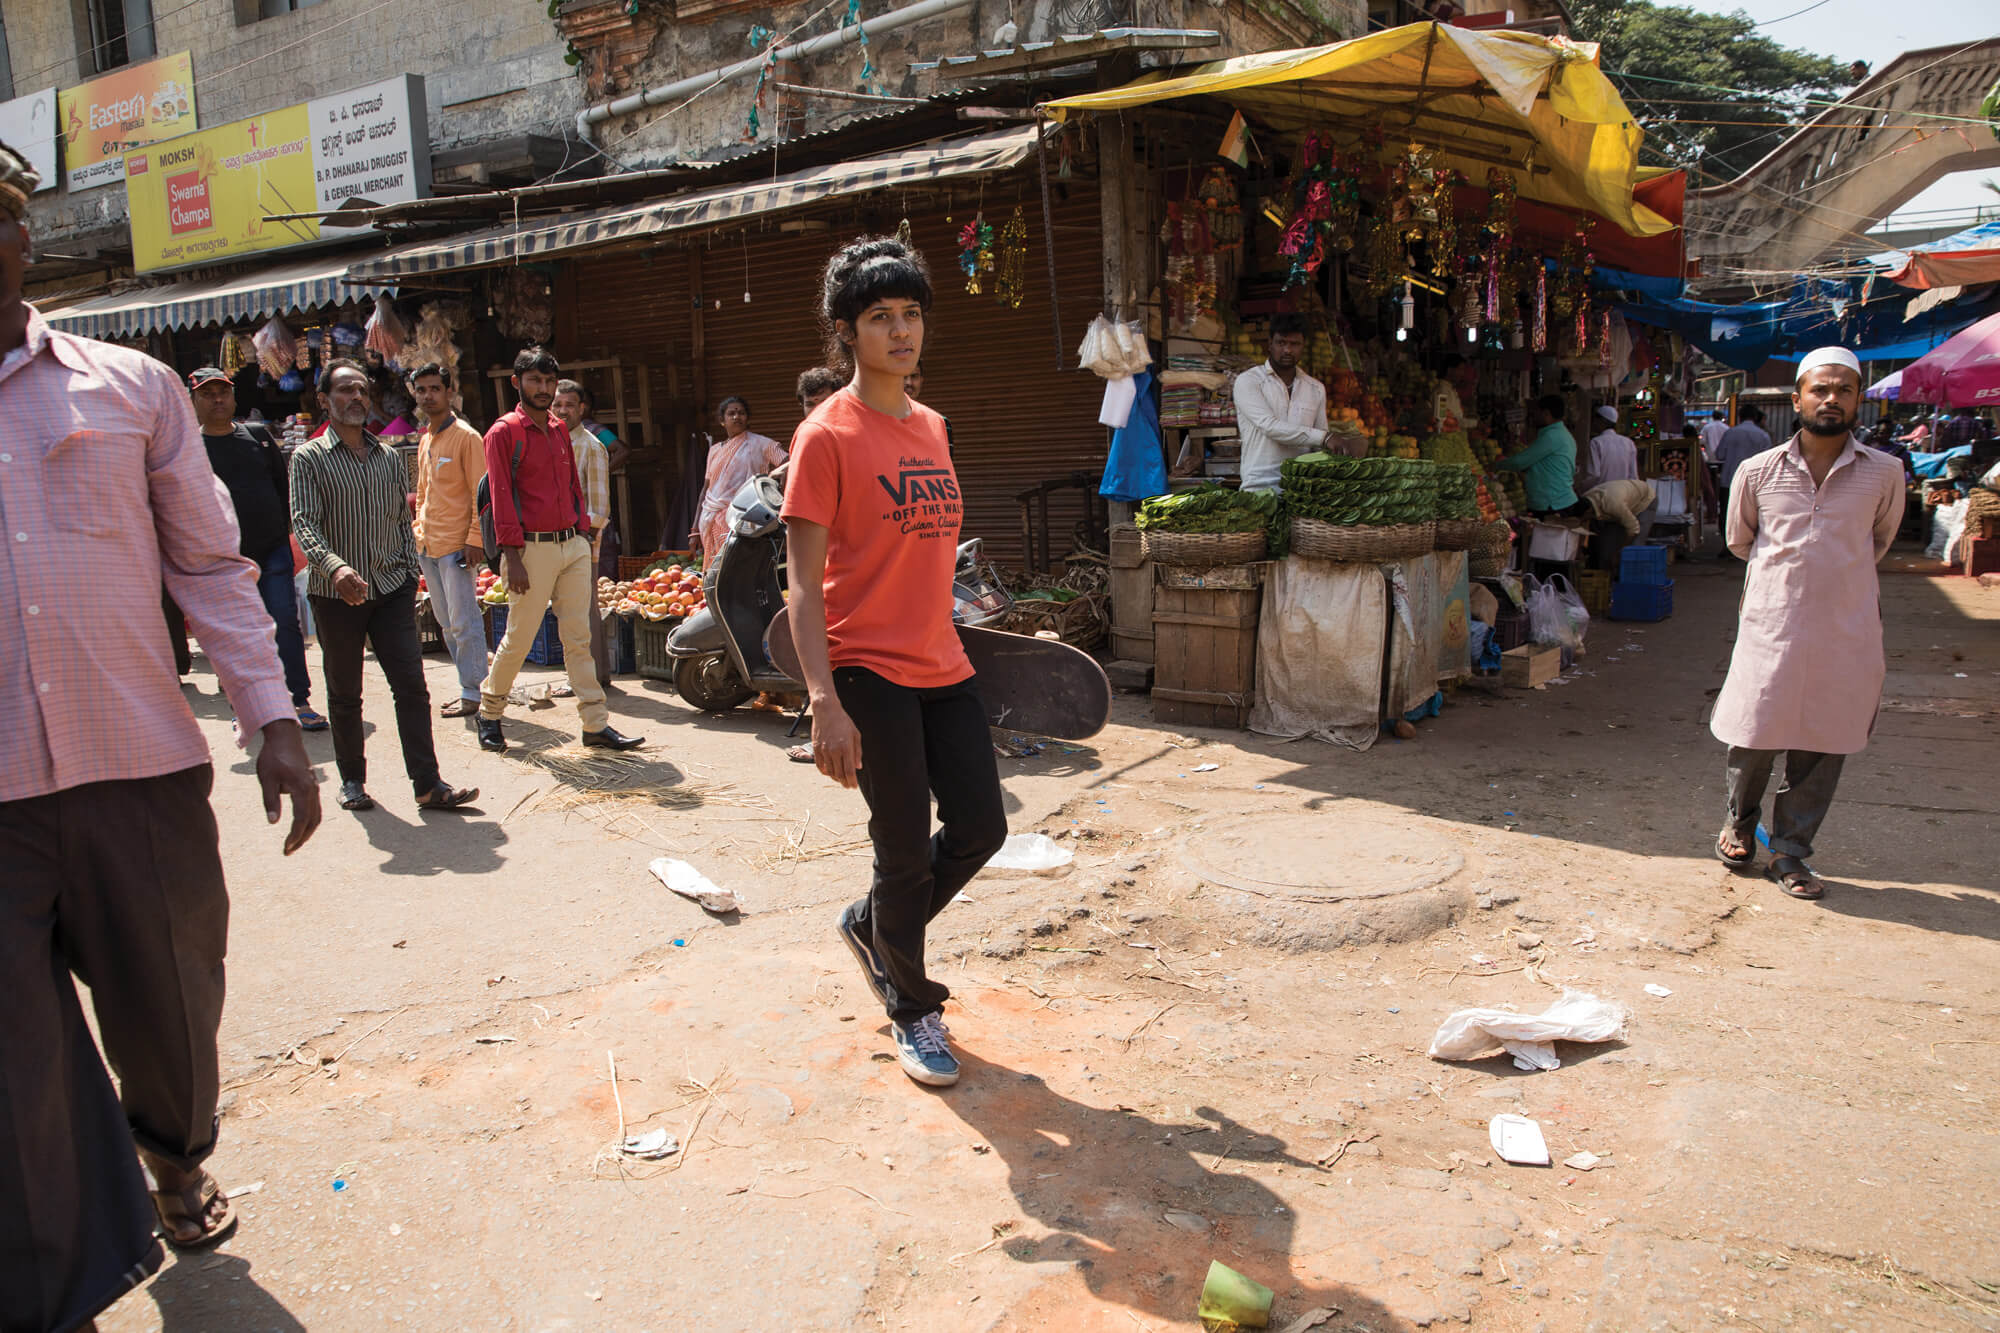 Atita Verghese in India for Vans